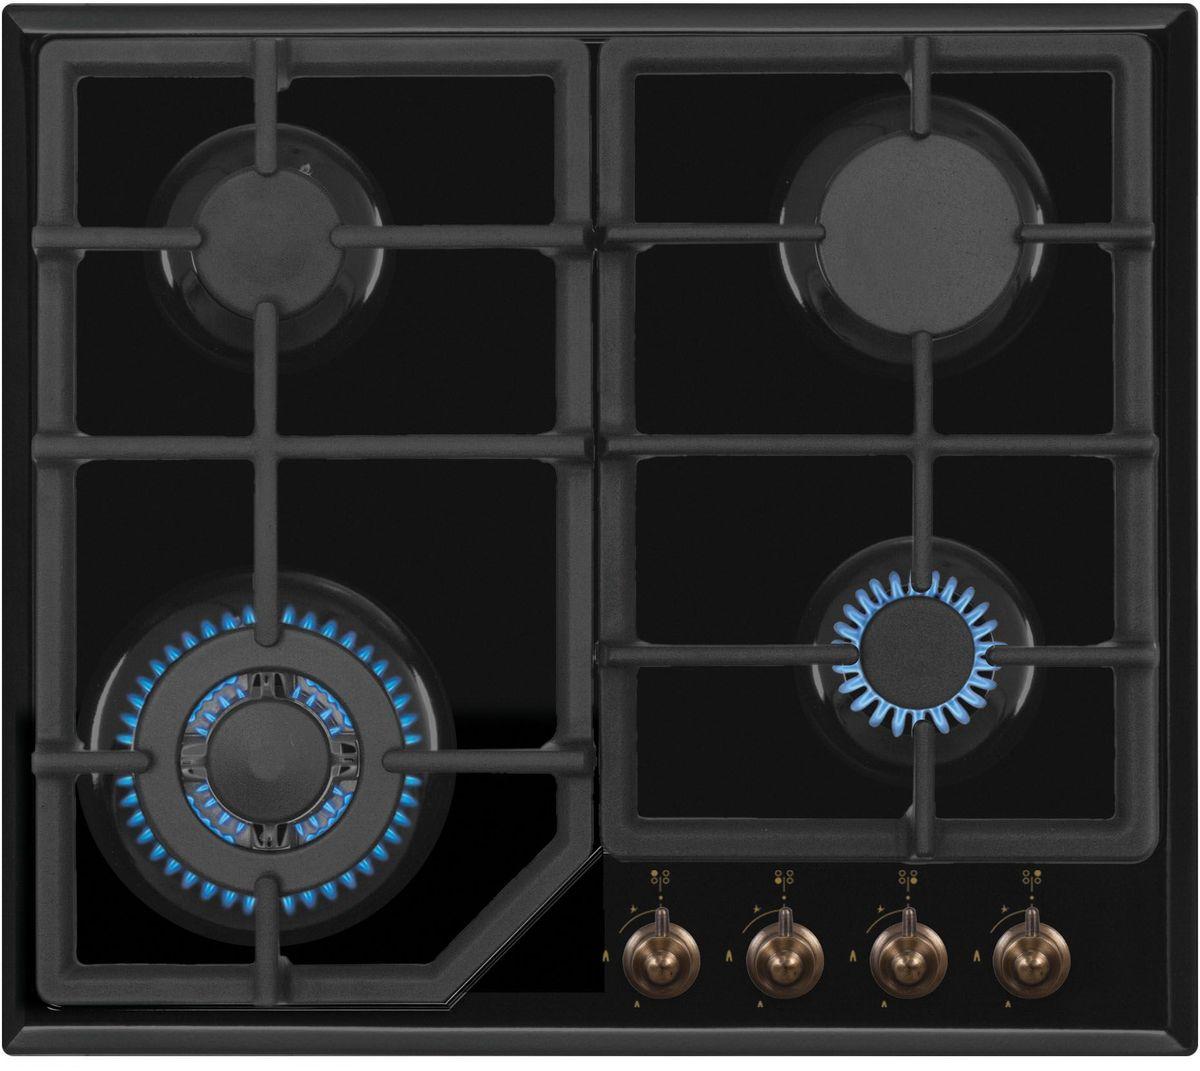 Simfer H60M41L512 панель варочная газоваяH60M41L512Газовая варочная панель Simfer H60M41L512 с чистым пламенем доведет вашу сковороду до нужной температуры без всяких задержек. Включите её и всё днище сковороды будет моментально нагрето. Благодаря идеальному расположению панели управления и индикатора уровня мощности прямо спереди этой варочной панели, любой повар, будь он левша или правша, сможет пользоваться ими с одинаковой лёгкостью. Газовая варочная поверхность Simfer H60M41L512 упрощает приготовление и делает его безопаснее благодаря особой форме подставок, обеспечивающих абсолютную устойчивость посуды. Нет способа быстрее и удобнее для того, чтобы разжечь конфорку, чем автоподжиг варочной панели. Просто поверните ручку, чтобы открыть и зажечь газ одним плавным движением.